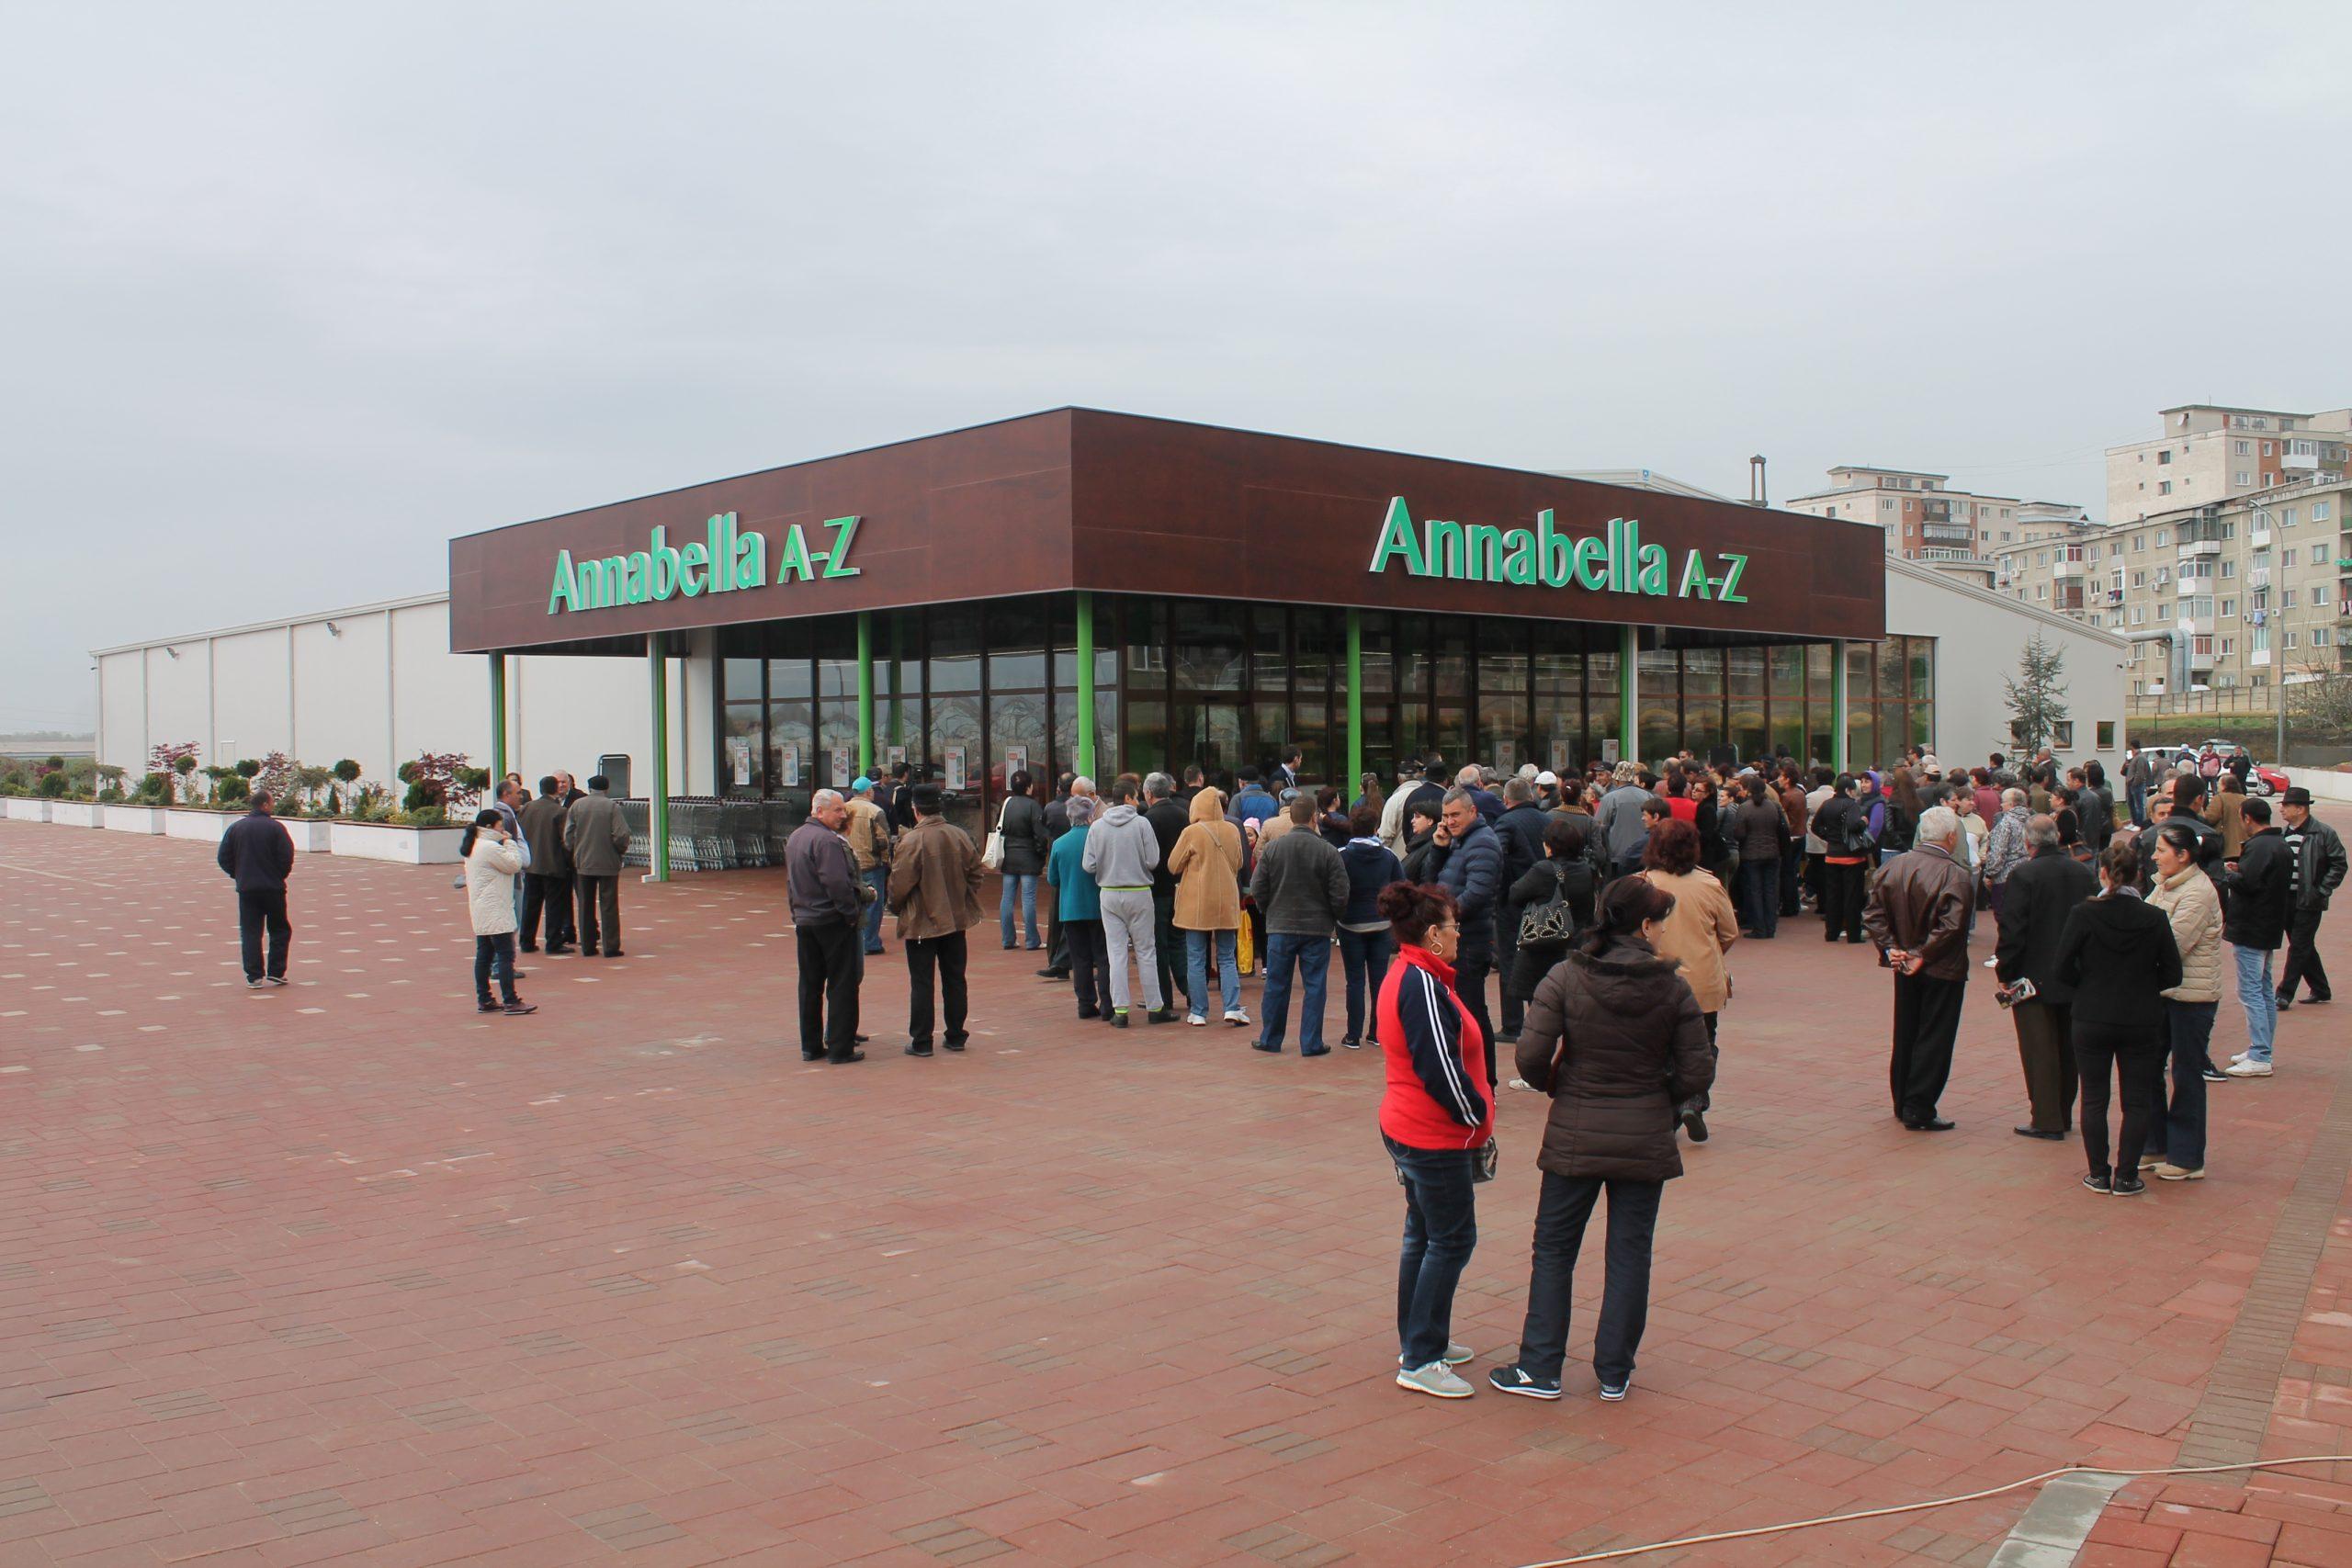 Grupul de firme Annabella a realizat anul trecut afaceri de 220 de milioane de lei şi investiţii de 5 milioane de euro